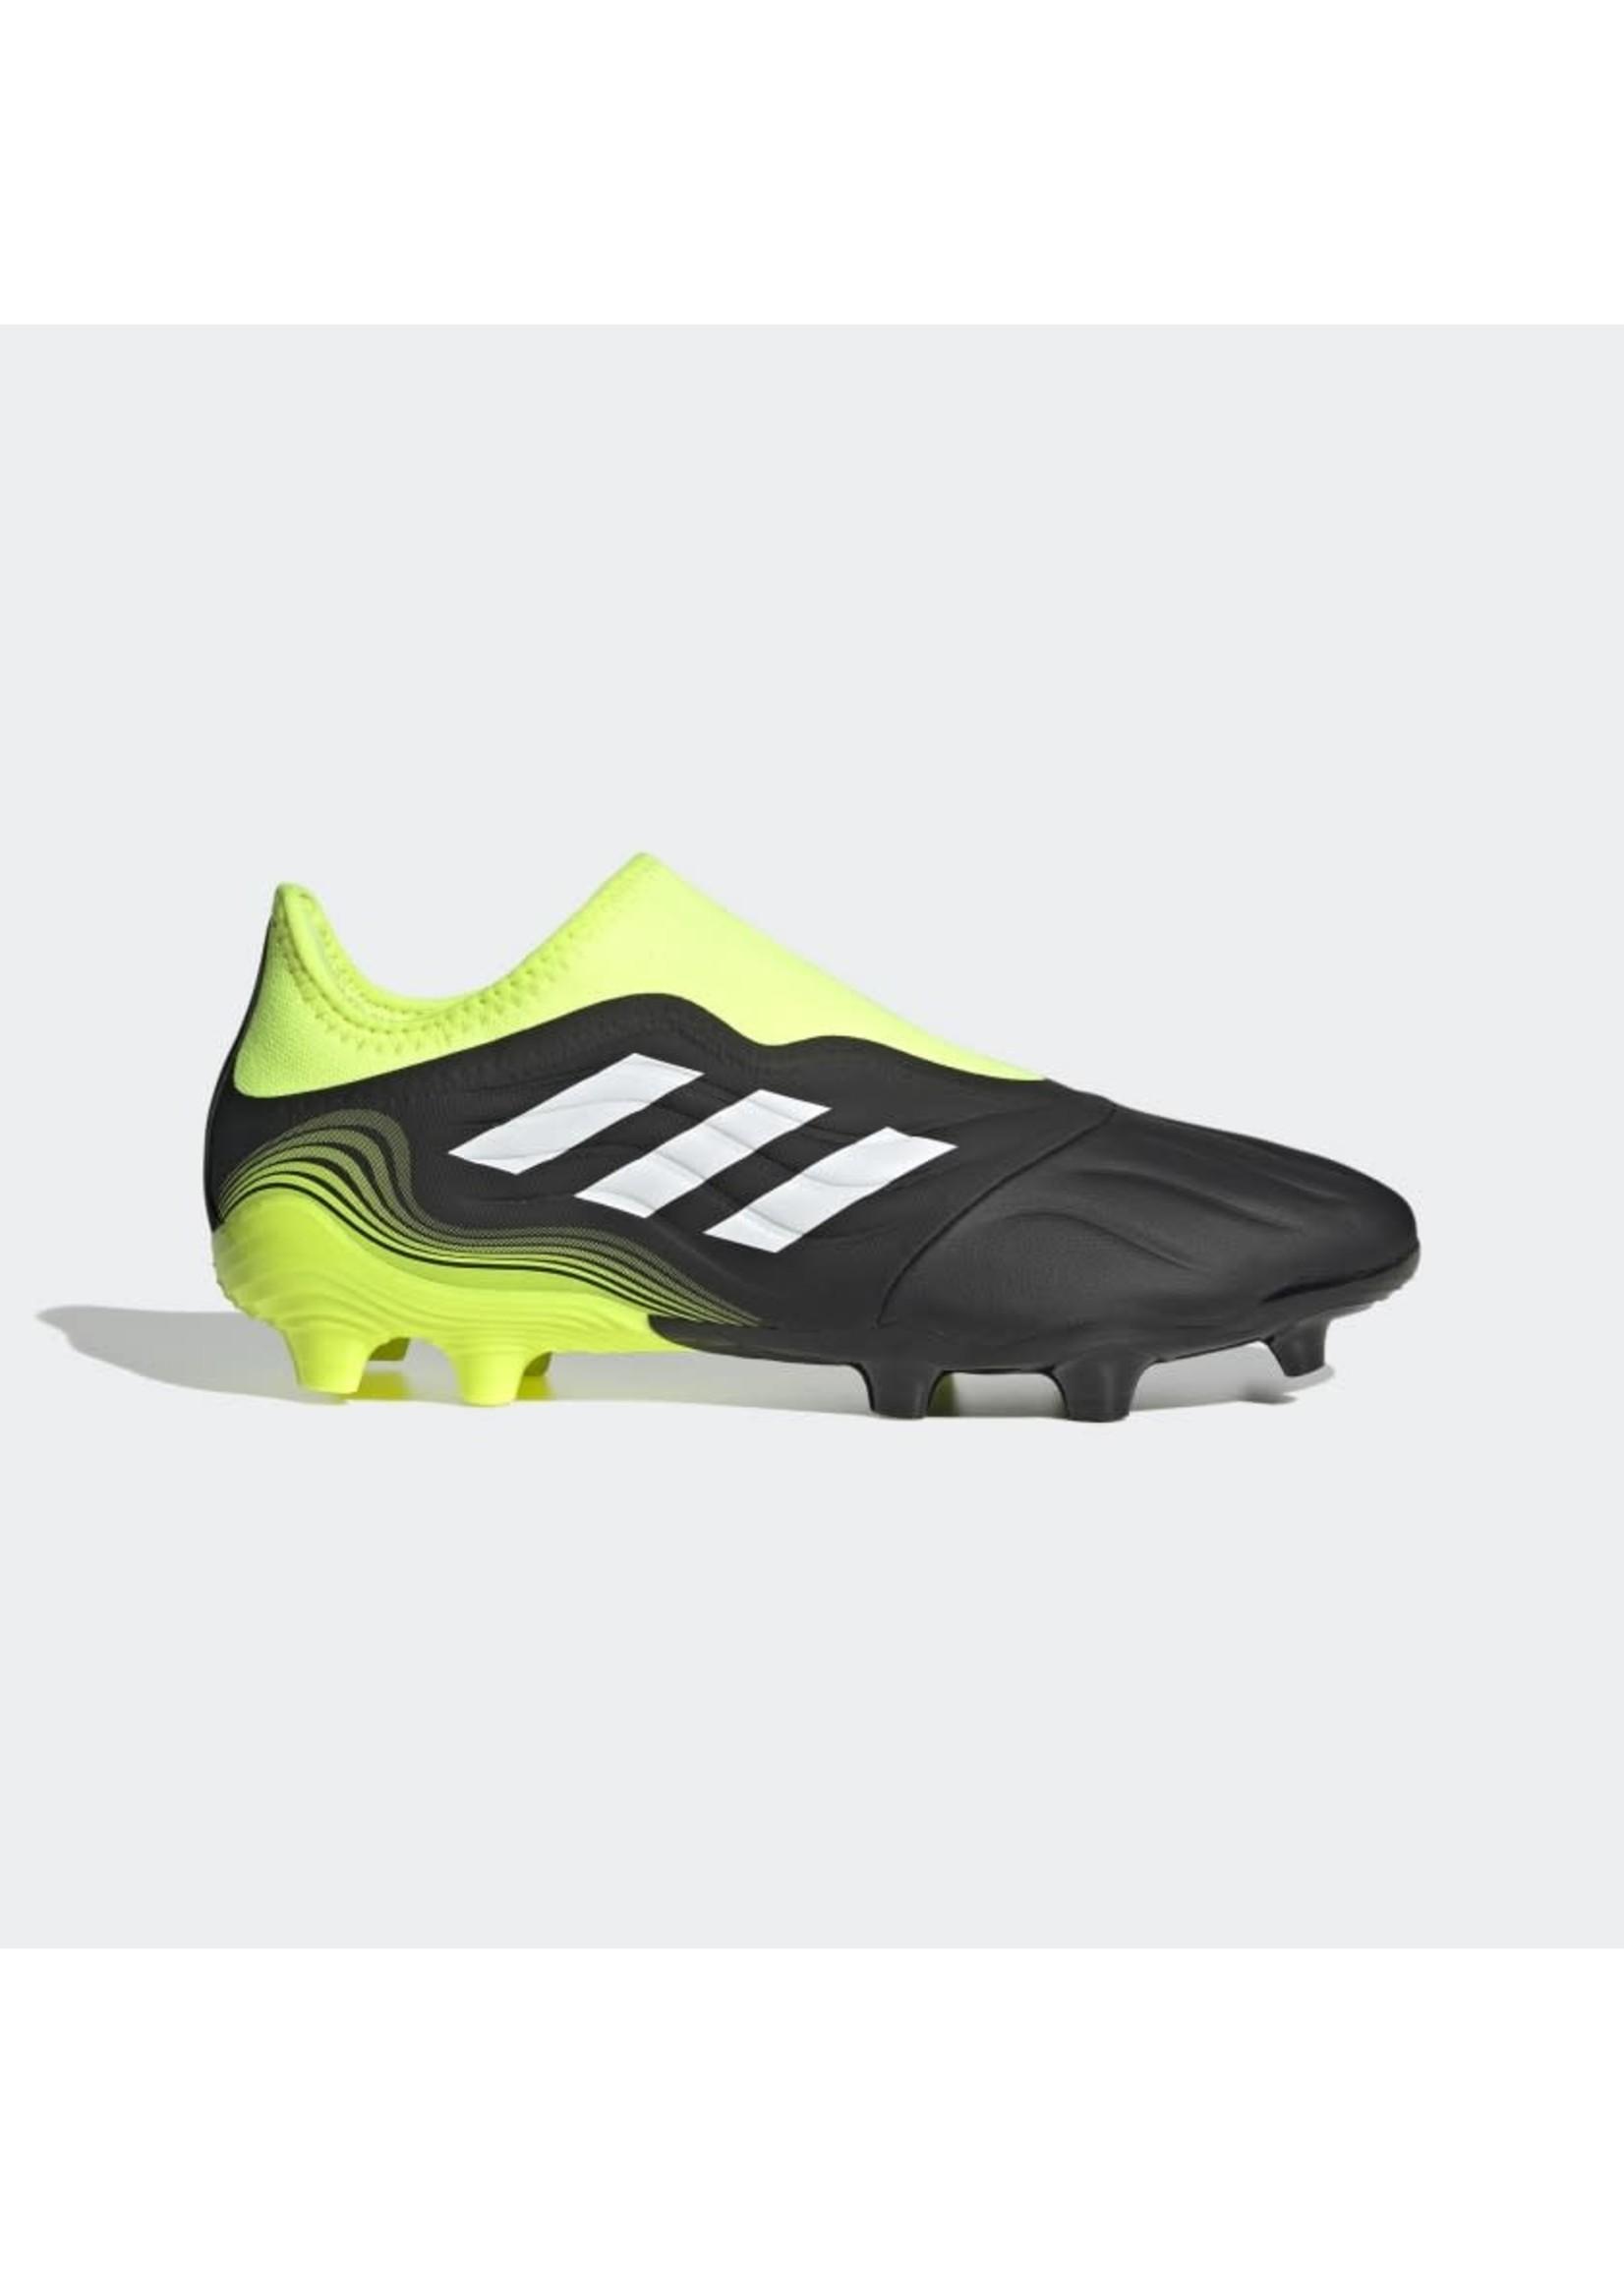 Adidas Copa Sense.3 LL FG - Black/Volt